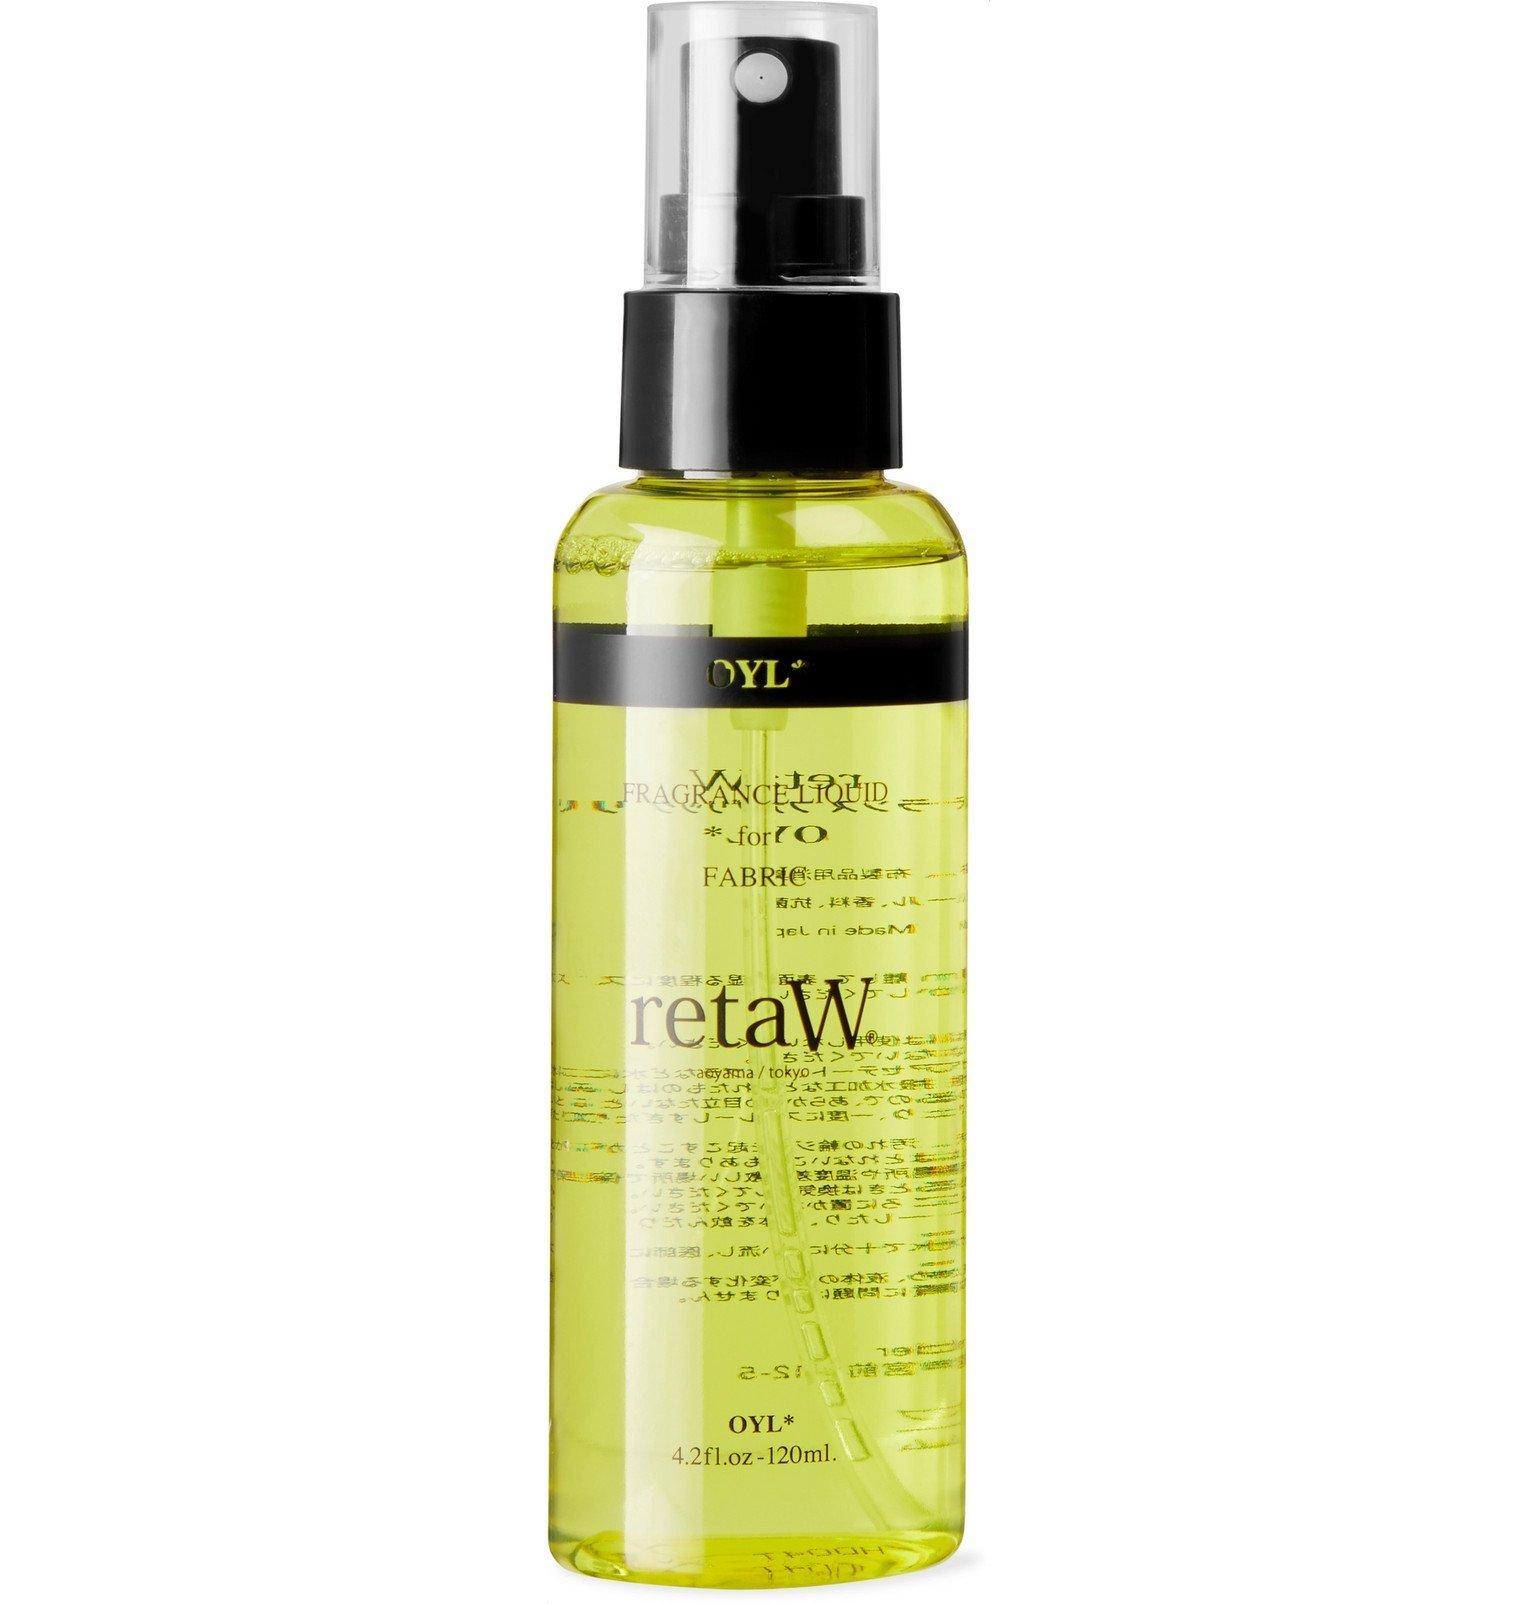 Photo: retaW - Fragrance Liquid for Fabric - Oyl, 120ml - Black